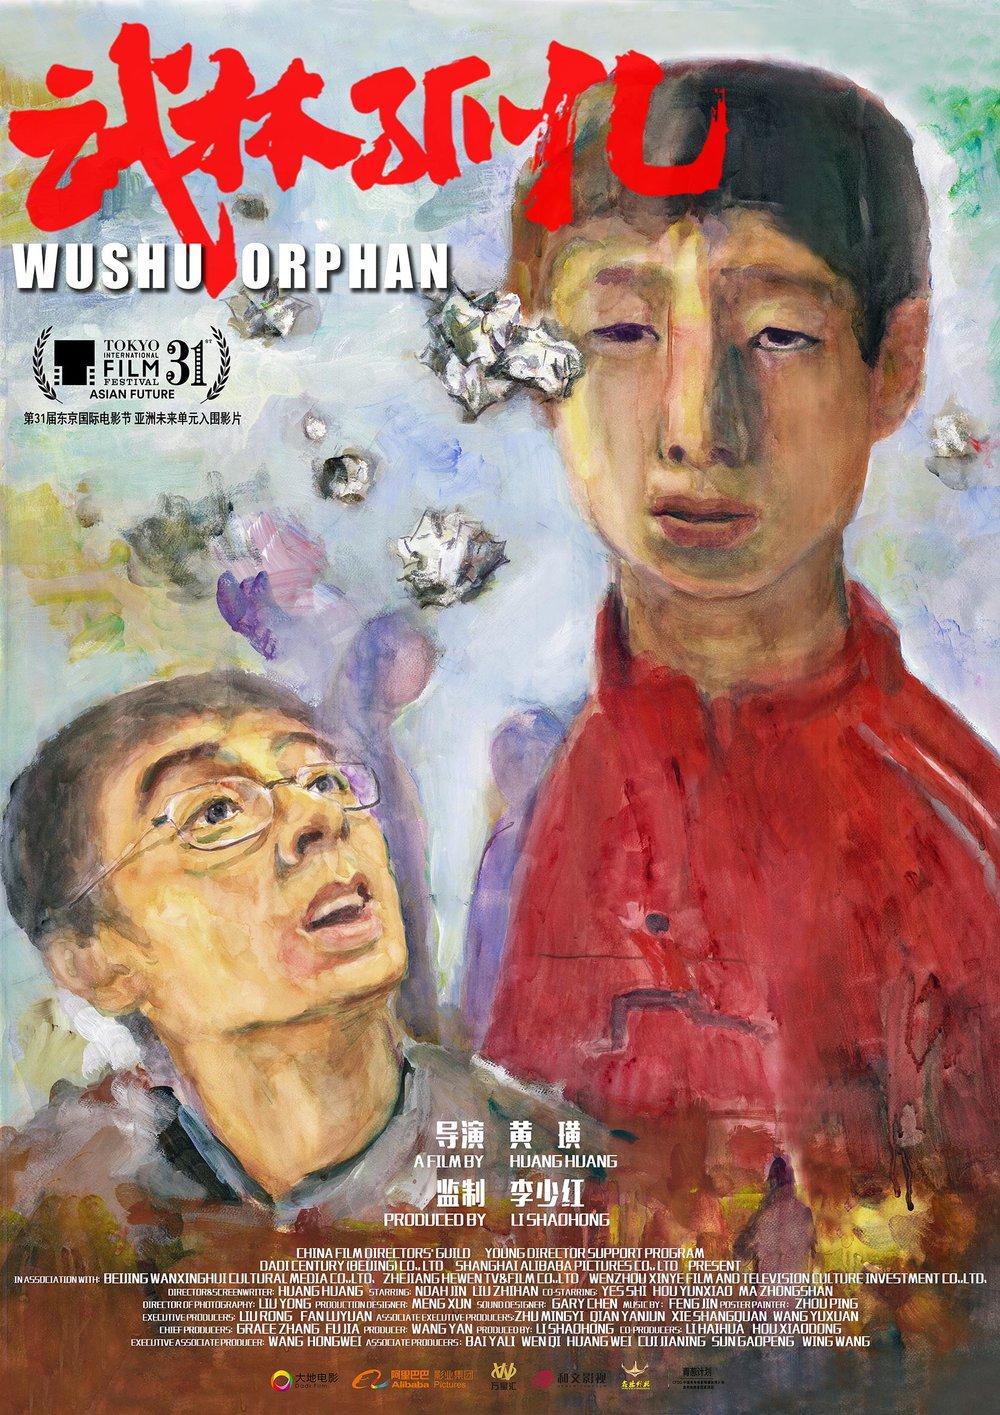 Wushu Orphan